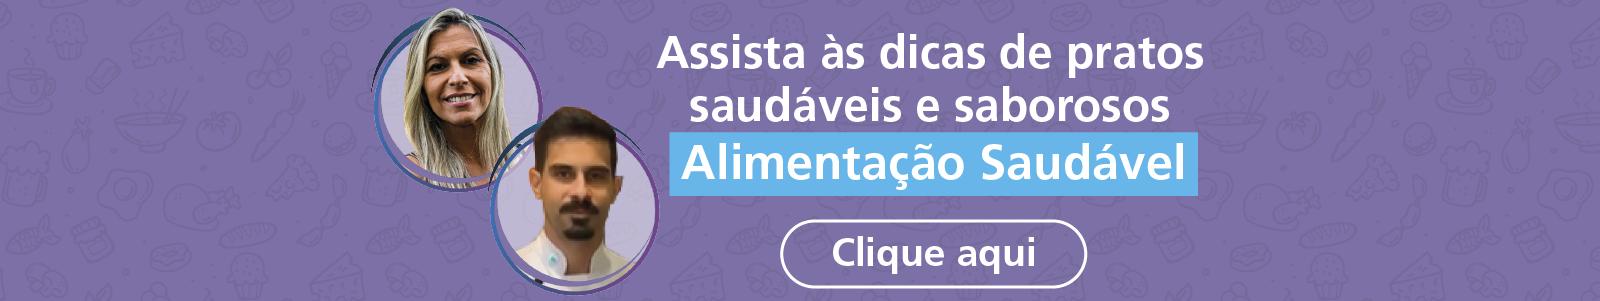 OMD-banner-home-alimentacao1